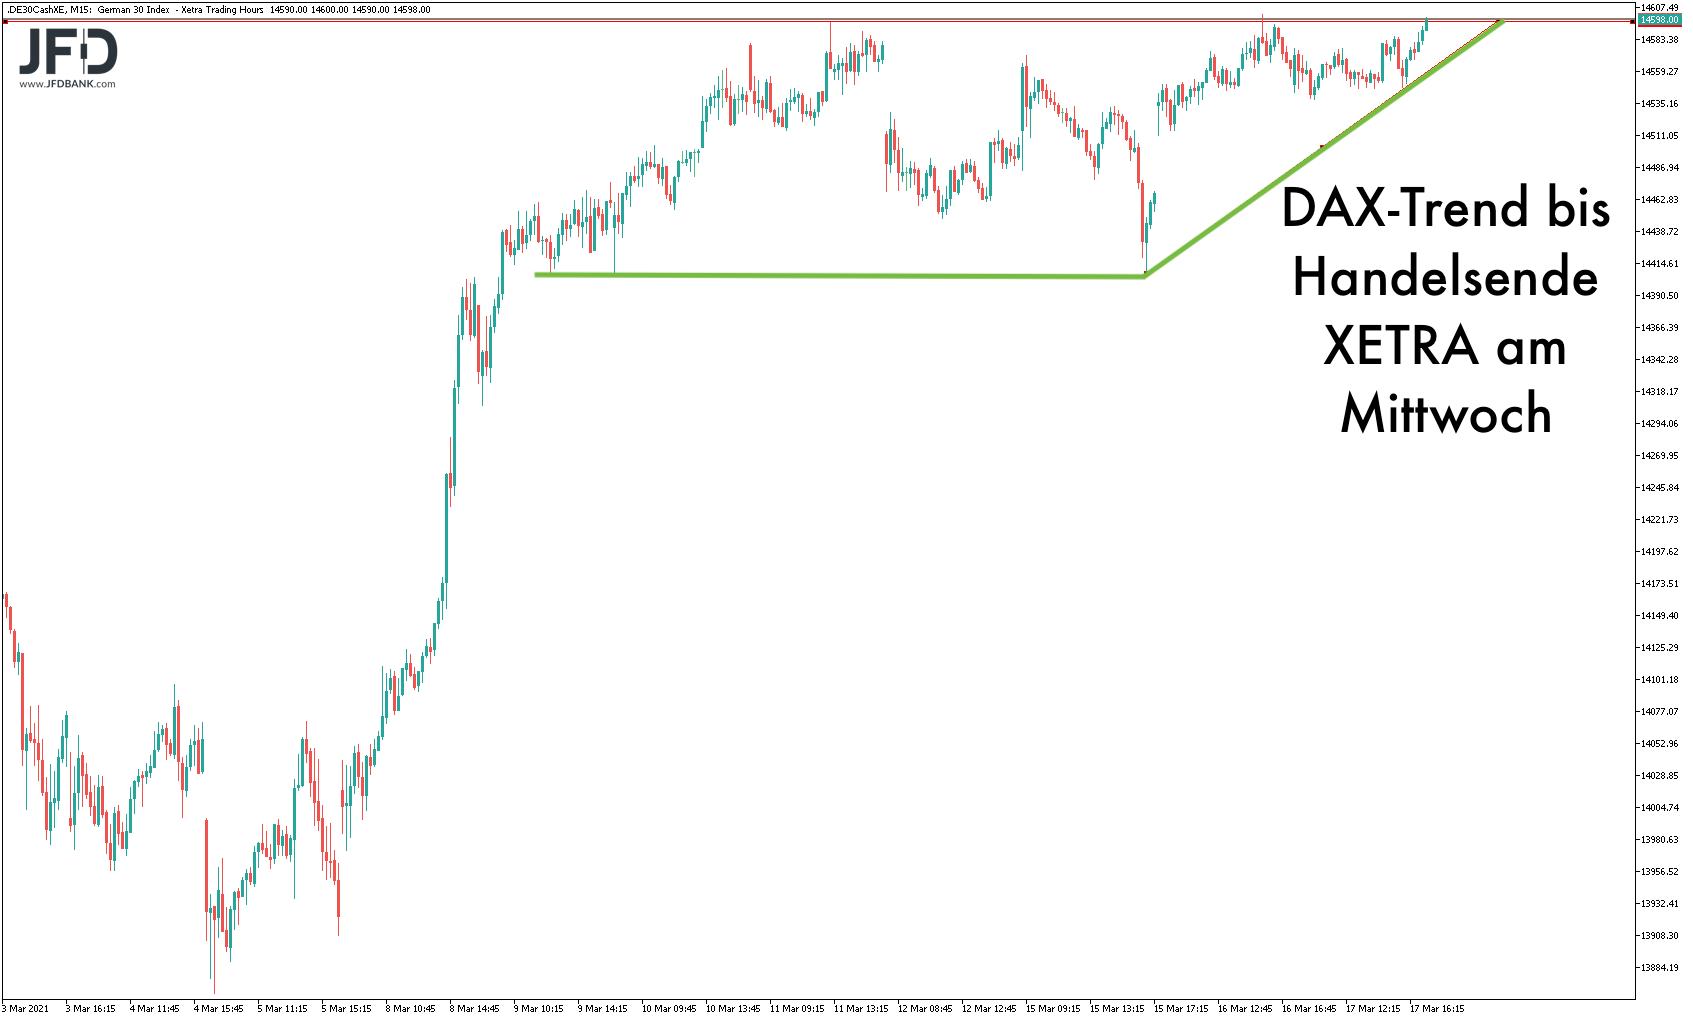 DAX-Trend am Mittwoch XETRA-Handelszeit